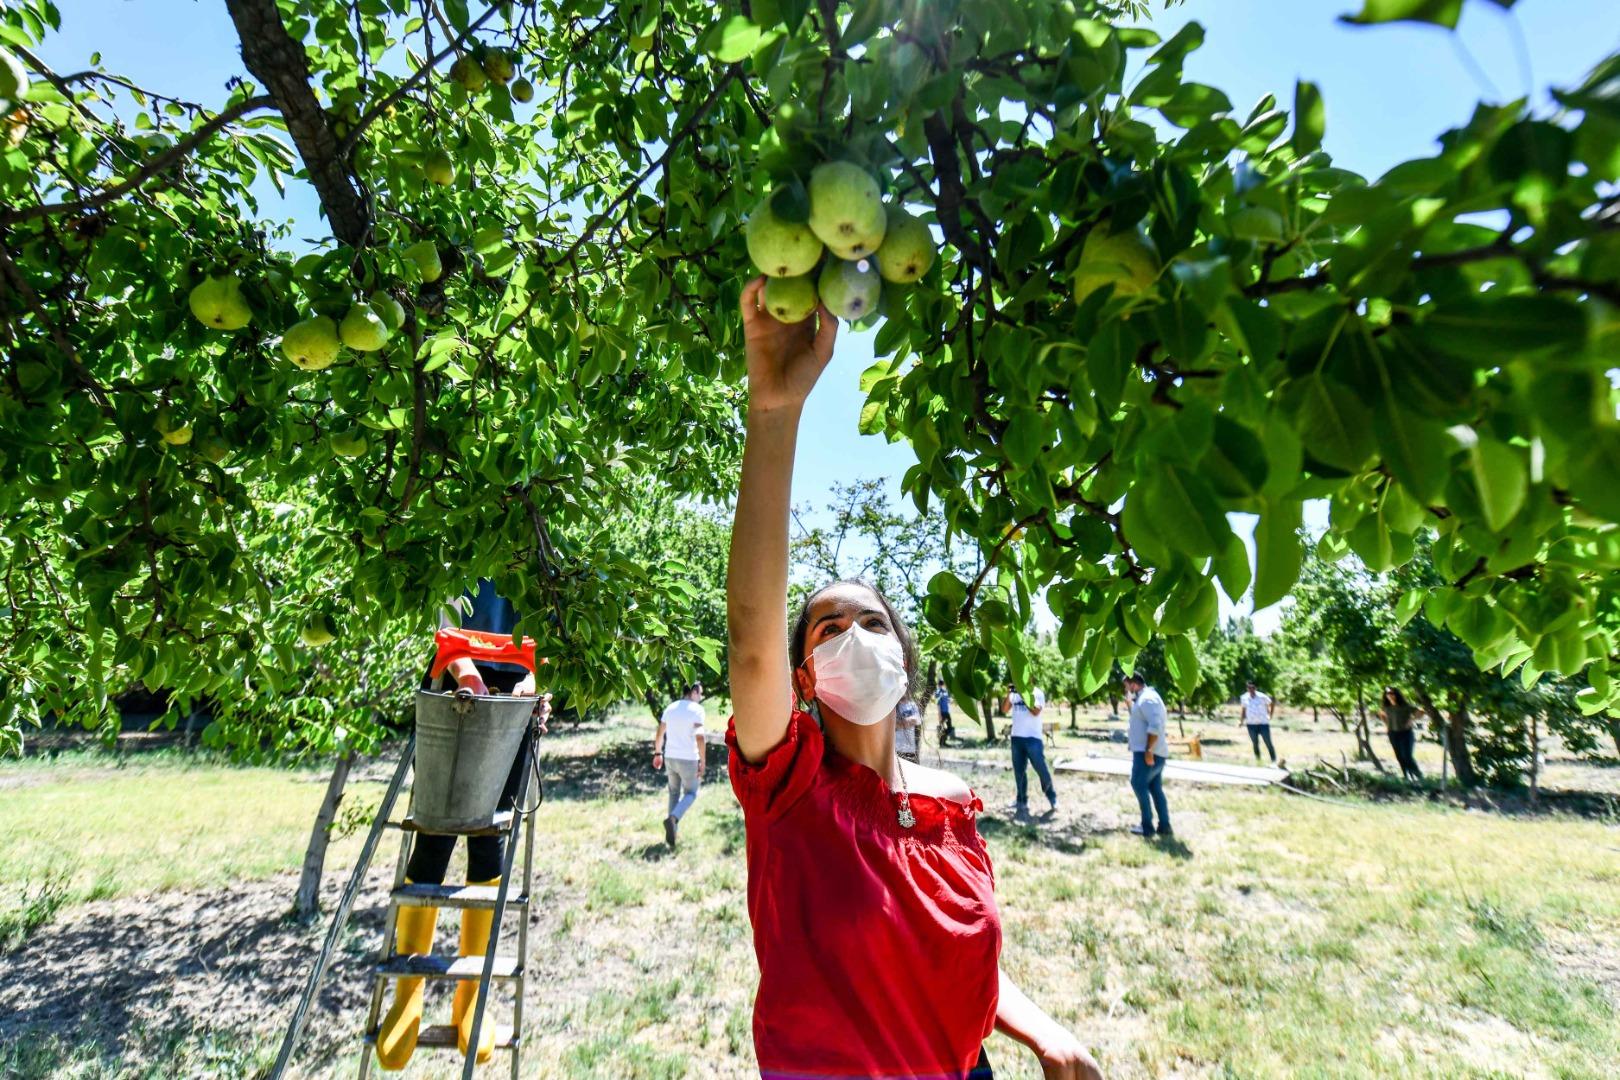 İhtiyaç sahiplerine meyve desteği